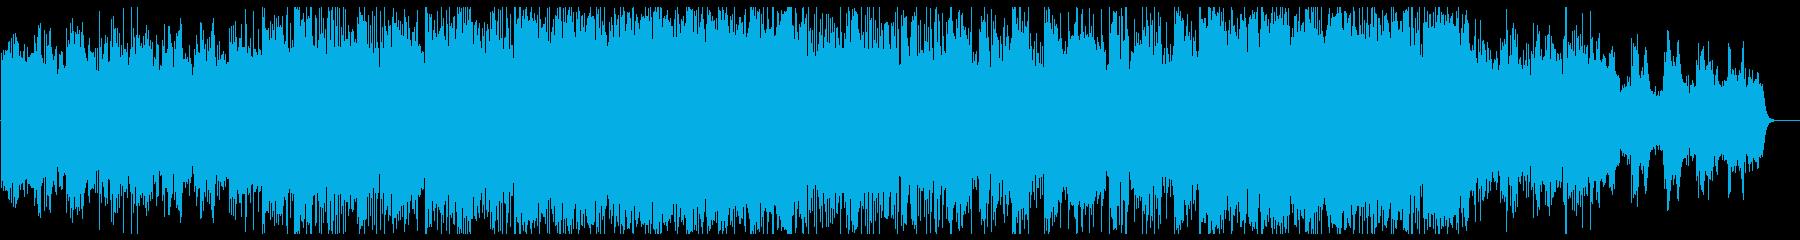 神秘的で清らかなヒーリングミュージックの再生済みの波形